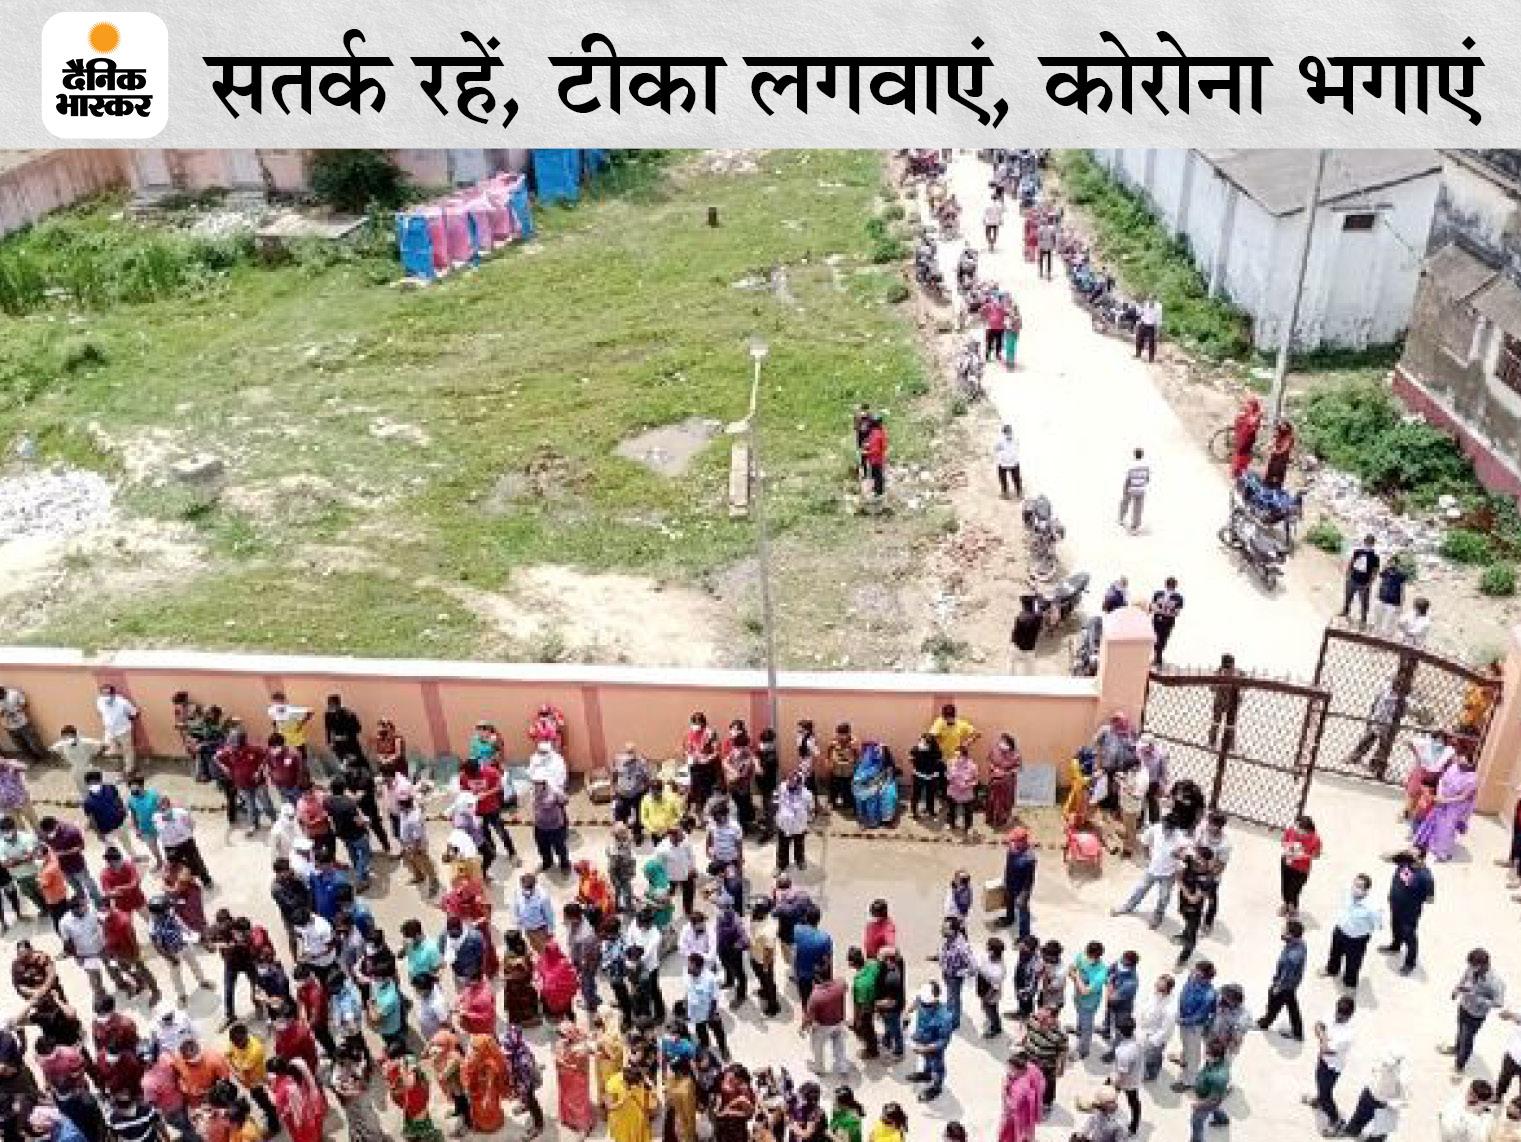 पहले दिन पोर्टल और व्यवस्था ने किया परेशान; फिर भी 2526 सेंटरों पर 79238 ने ली वैक्सीन की पहली डोज|बिहार,Bihar - Dainik Bhaskar